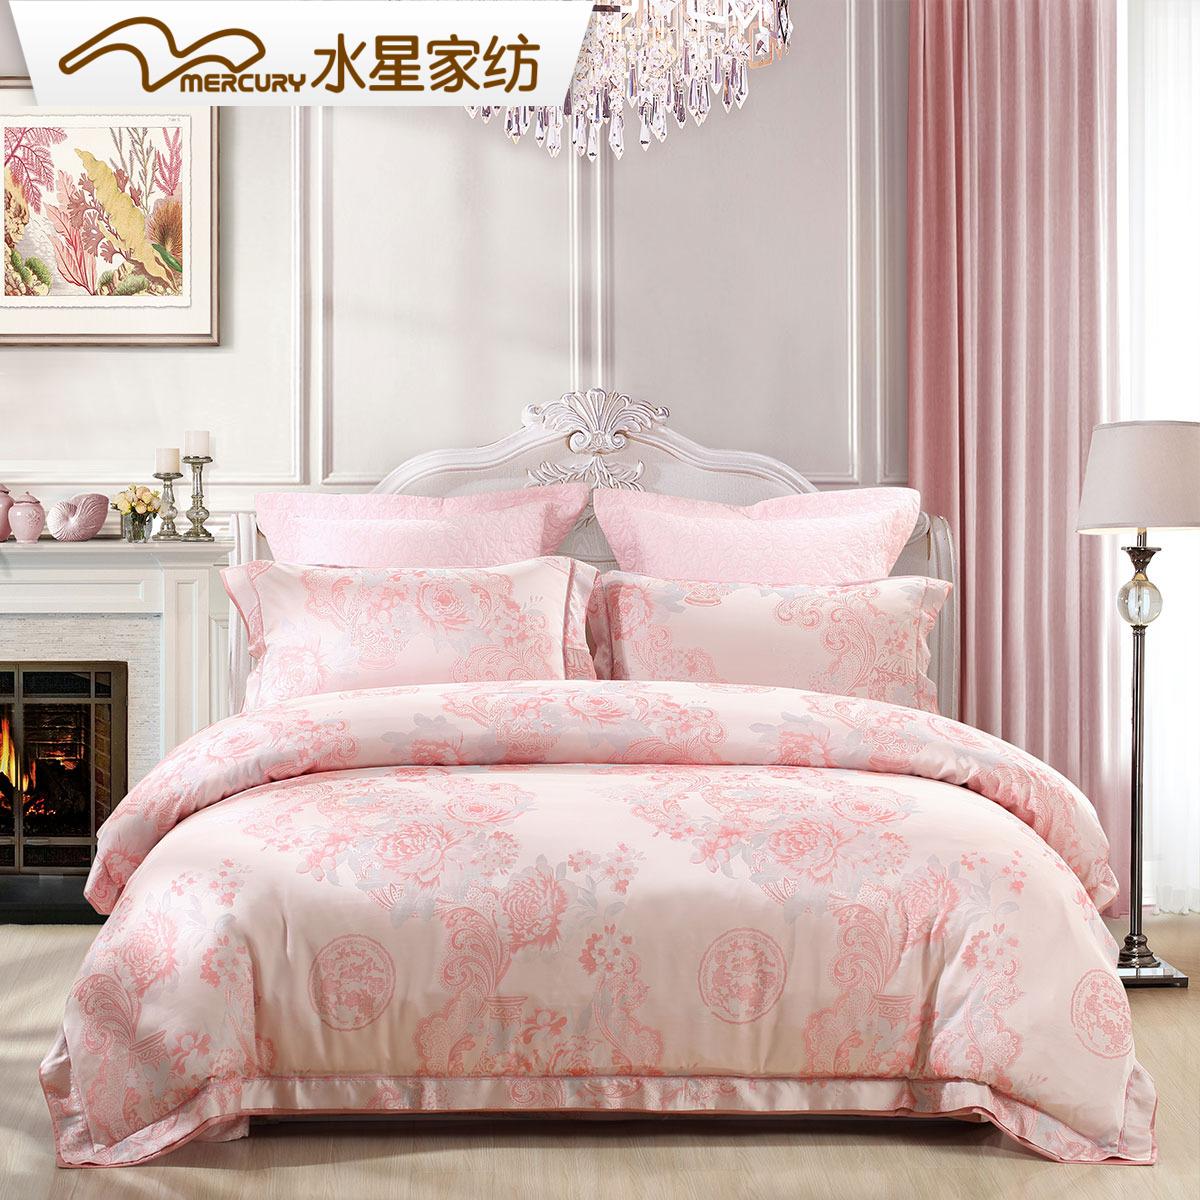 水星家纺 欧式提花四件套梦香缘双人大床被套1.8米床上用品AT1351